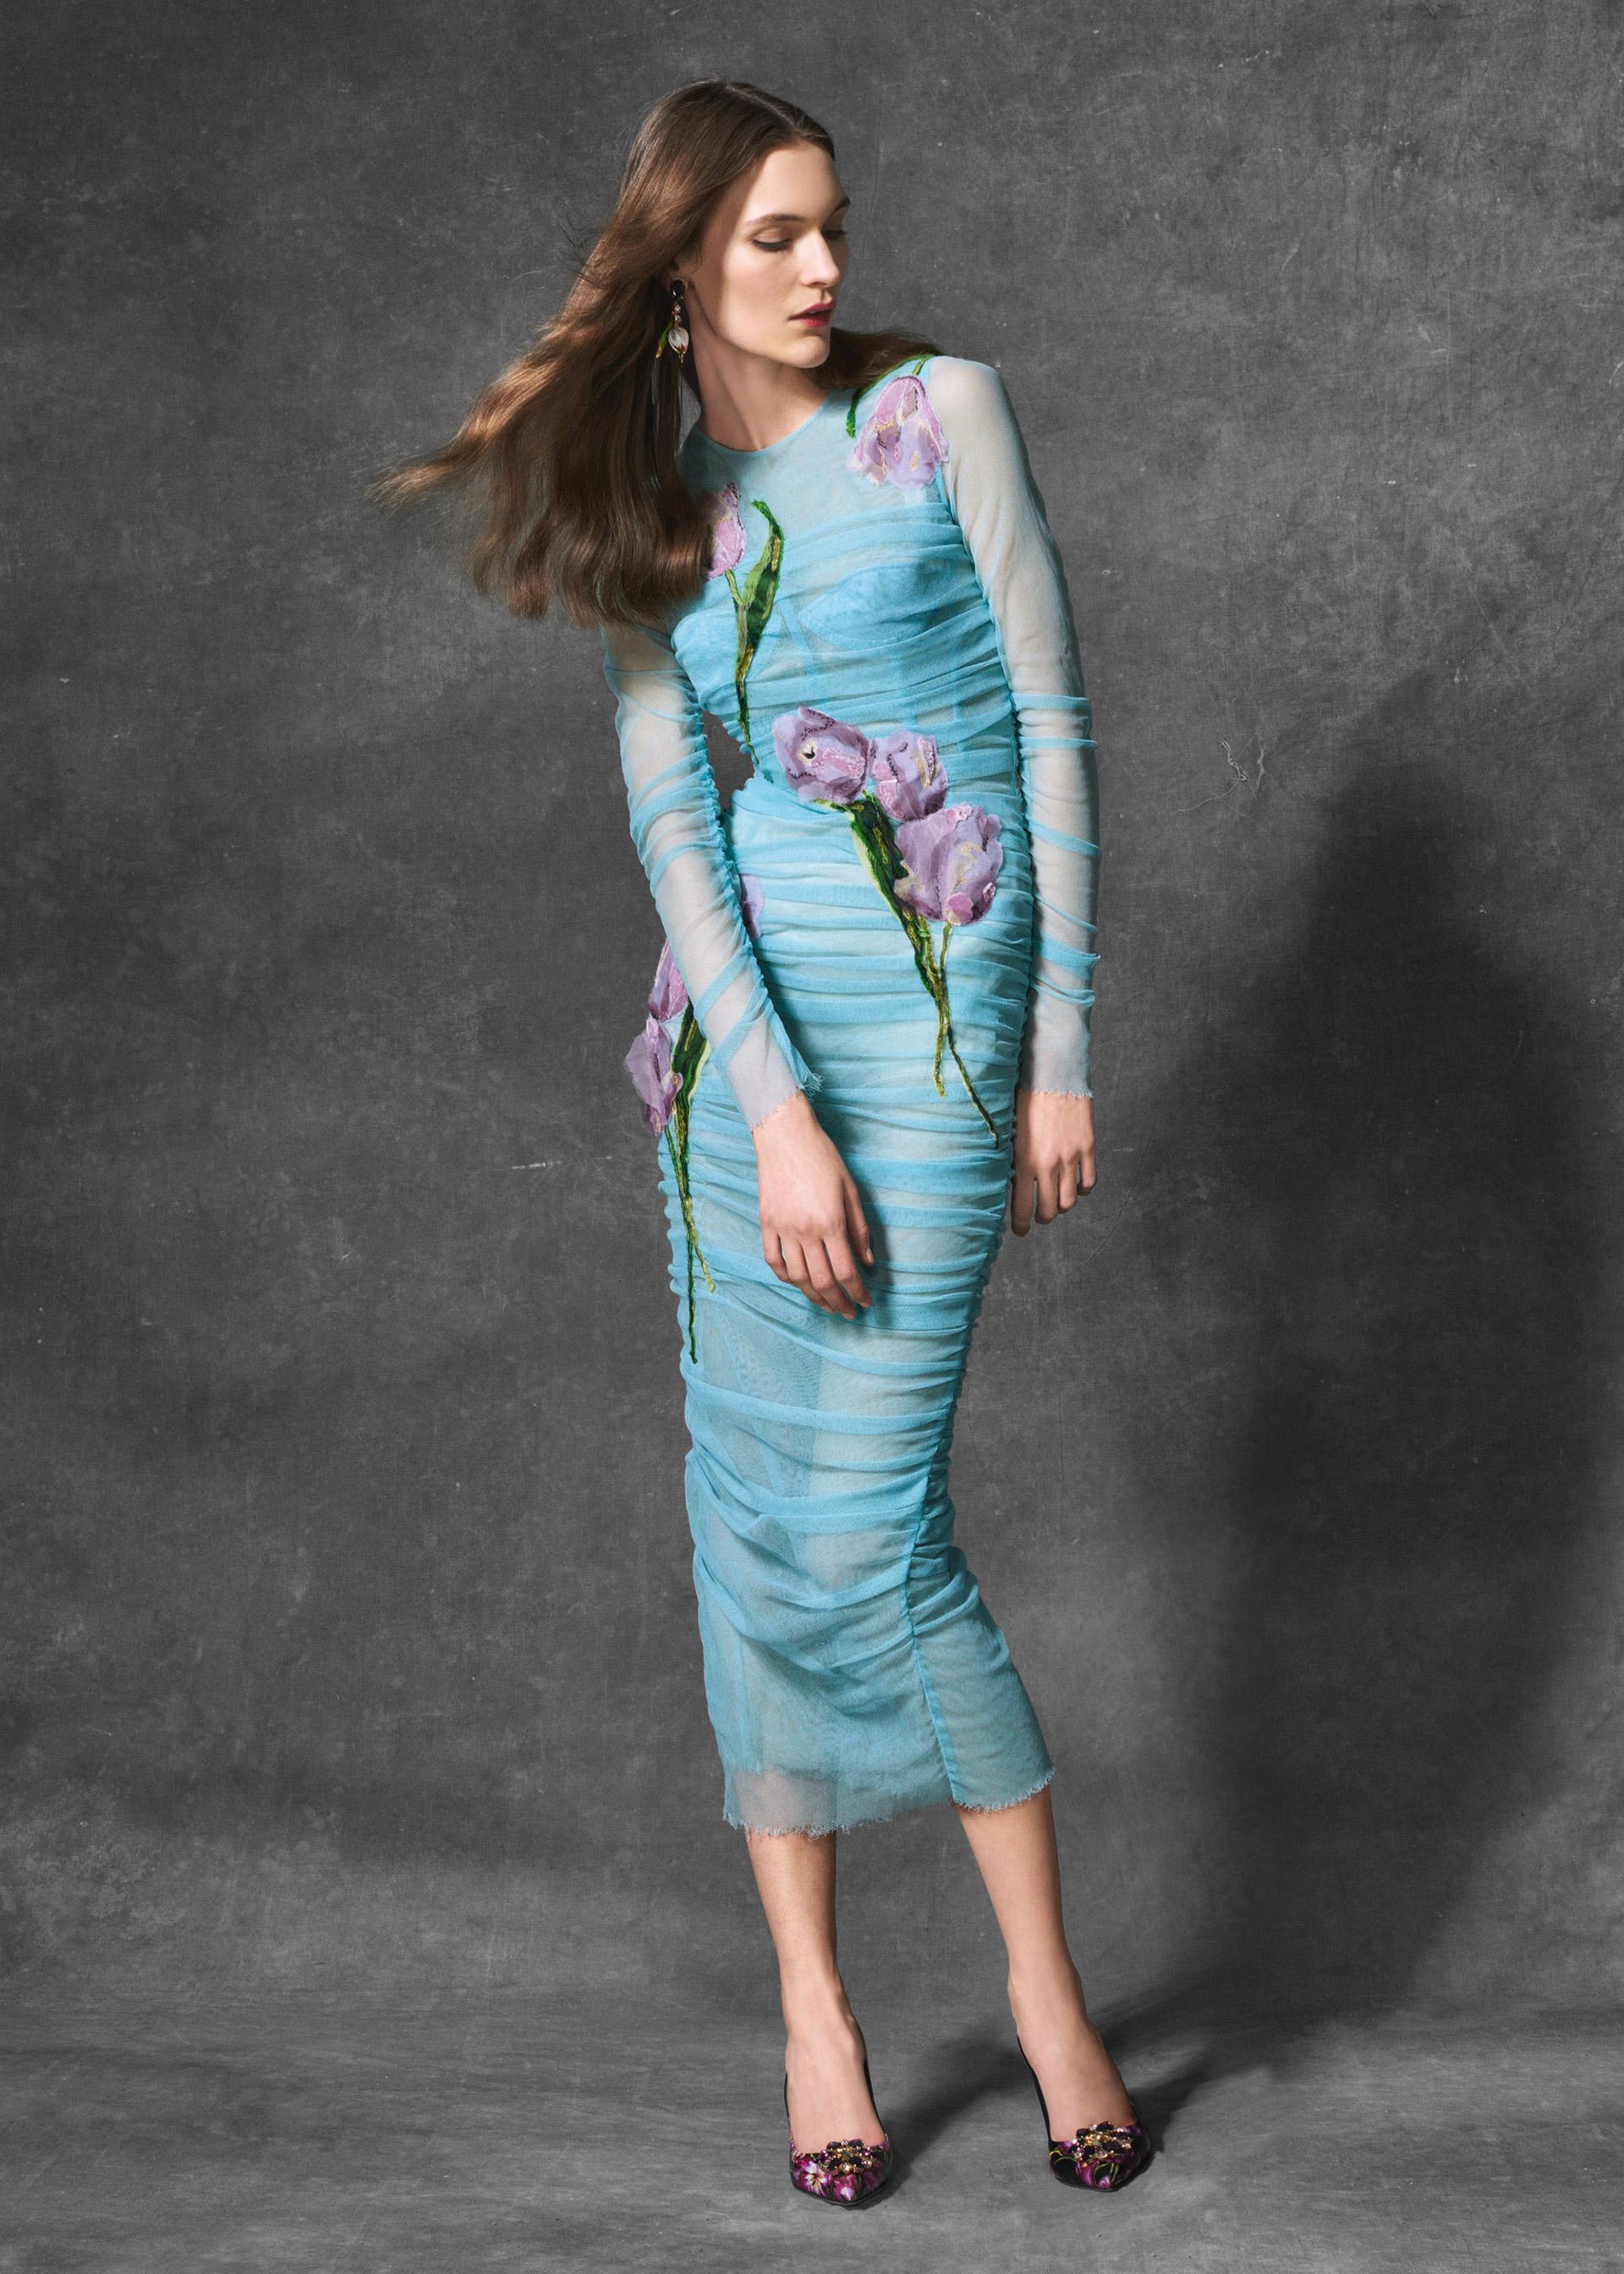 """97fa1546151 Платья тюльпаном фото. Коллекции Dolce Gabbana """"Tulip"""" и вечерних ..."""